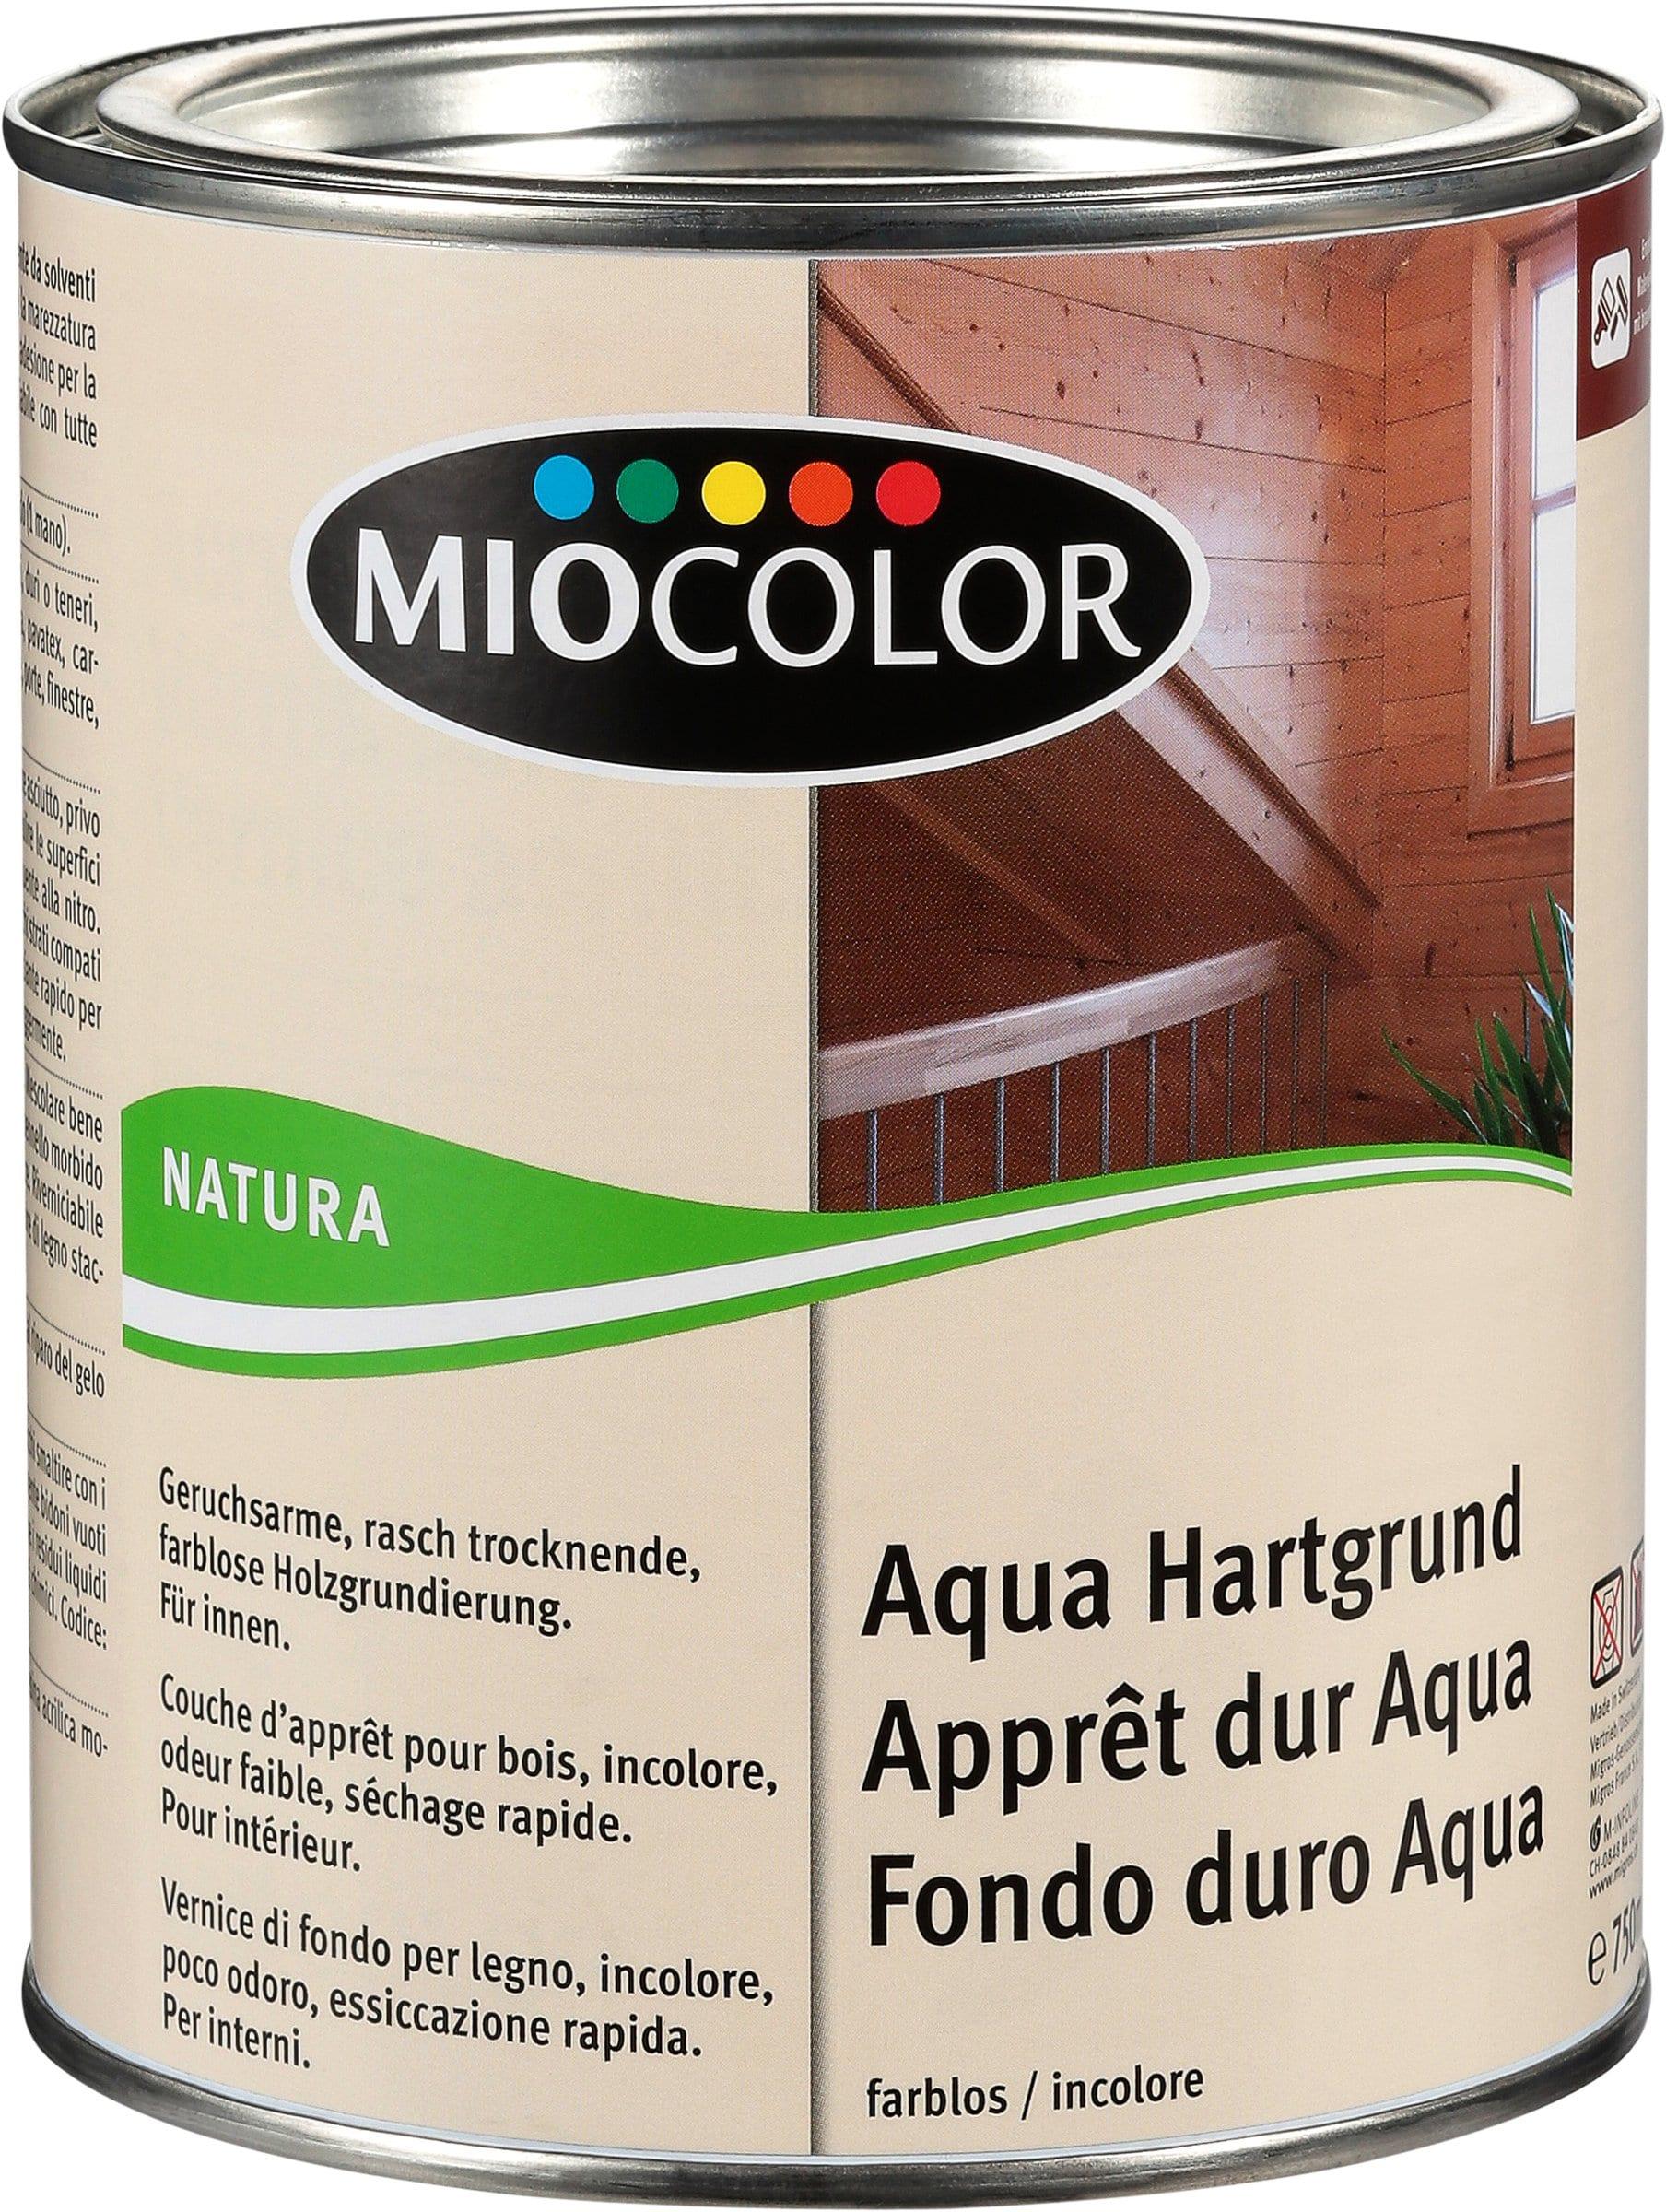 miocolor apprêt dur aqua | migros